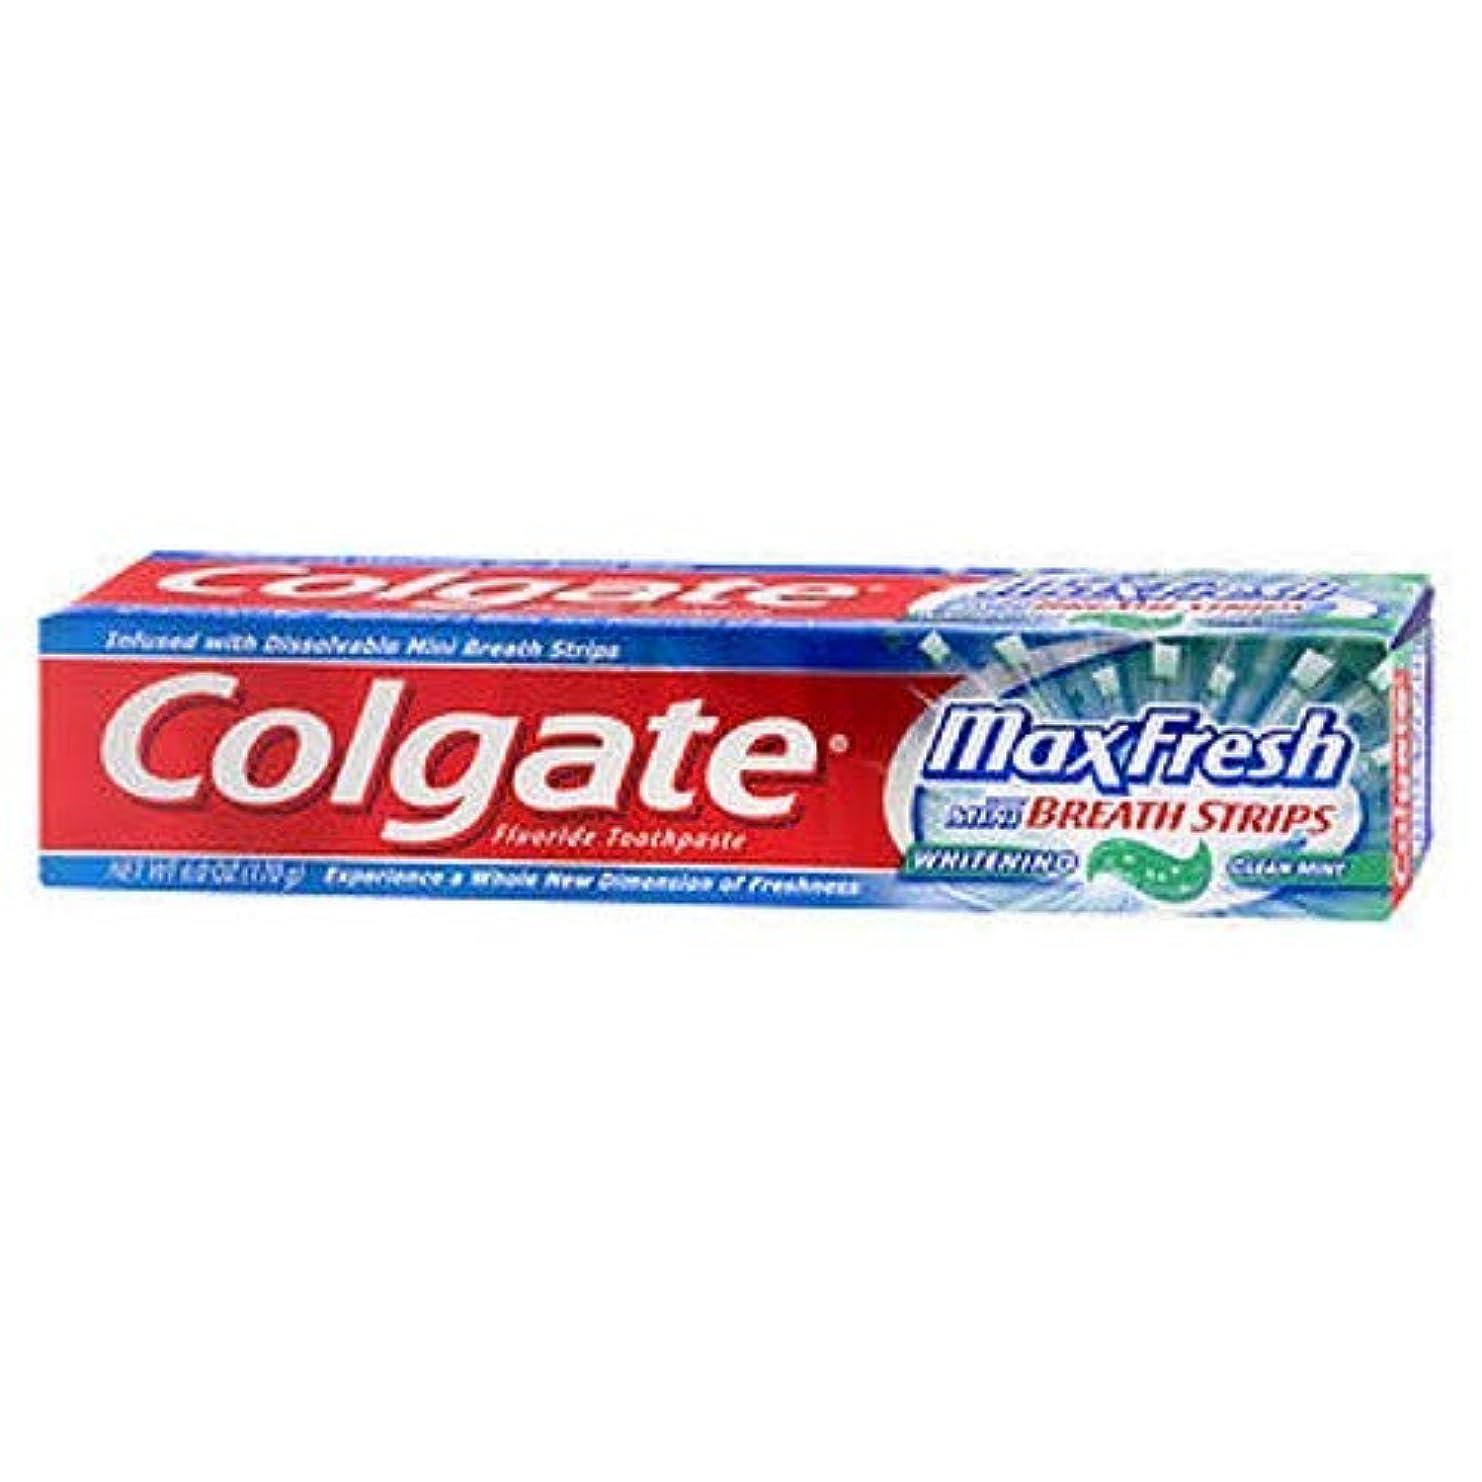 小道具市区町村降伏Colgate ホワイトニングブレスストリップクリーンミントハミガキ6.0オンスでMaxfresh(2パック)